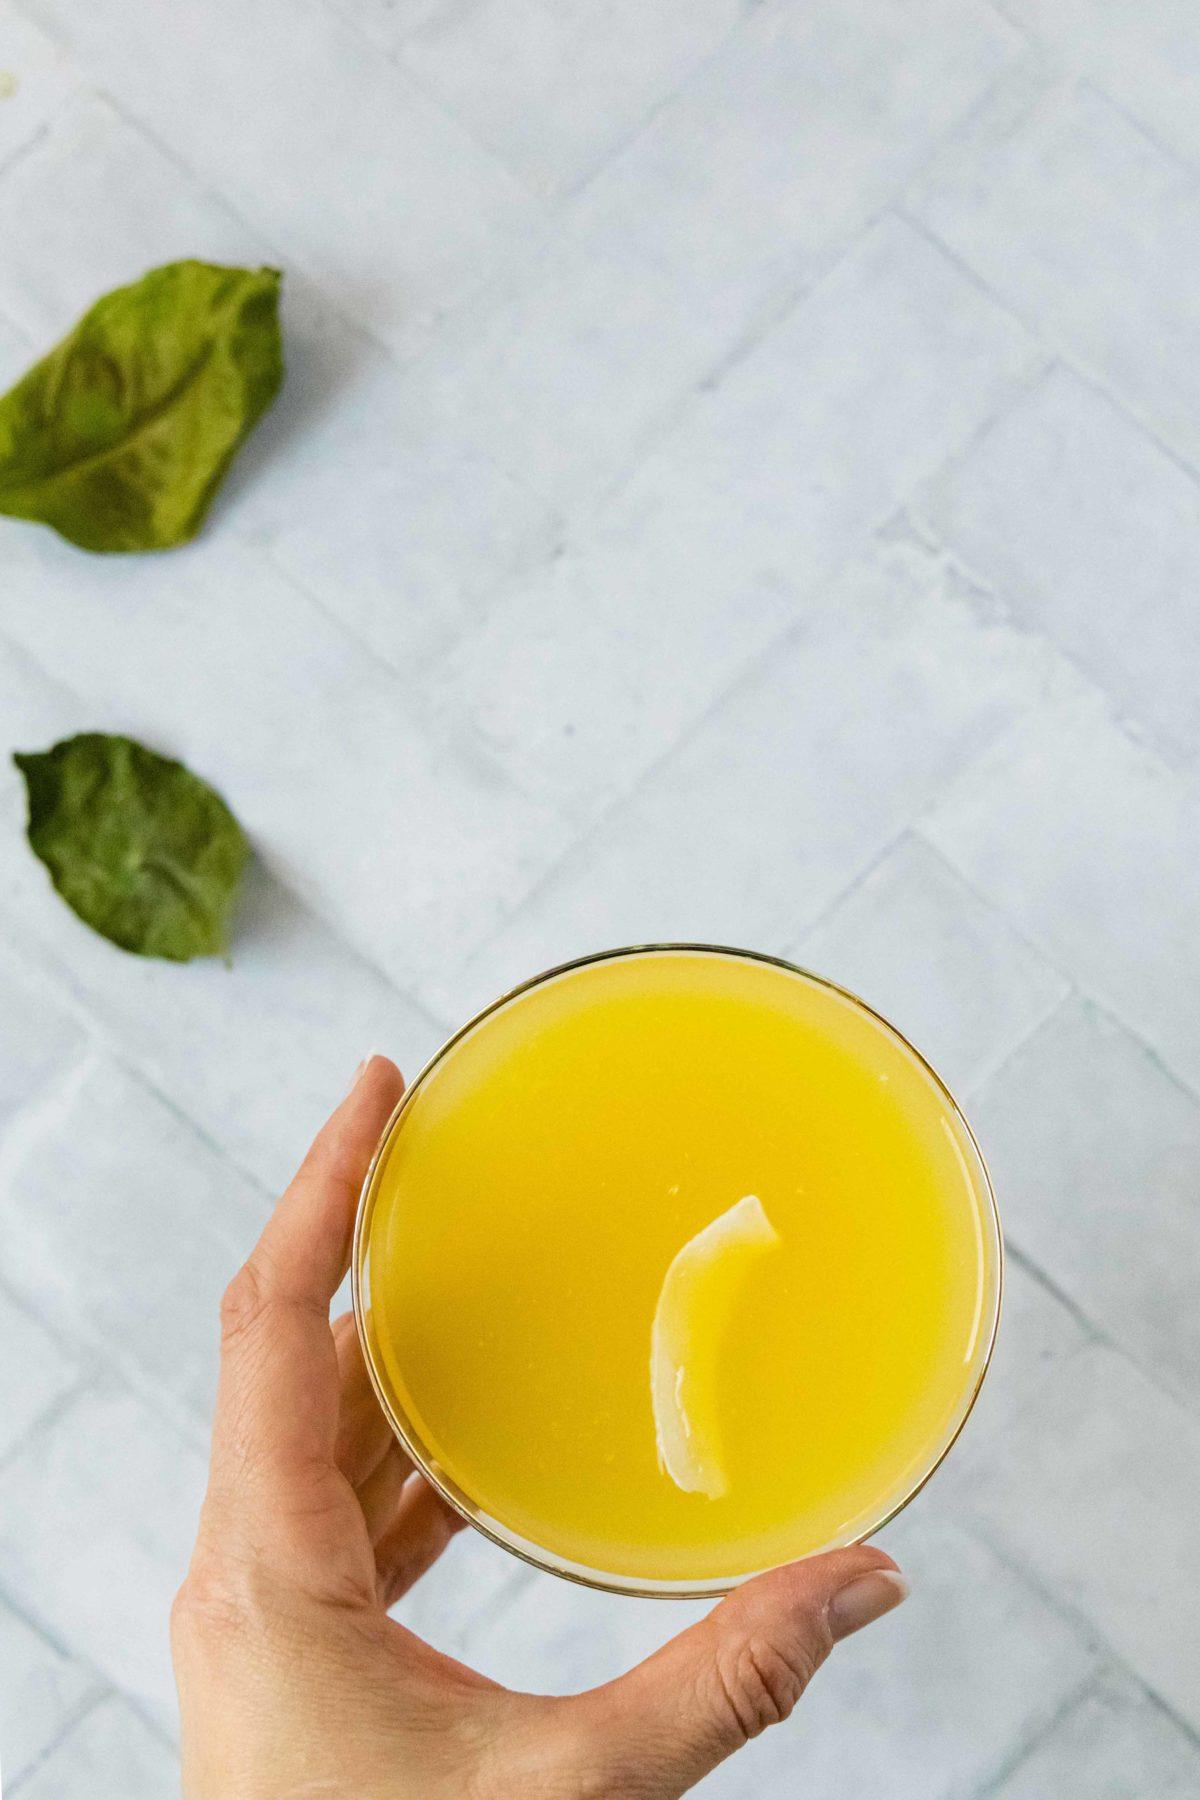 Malibu Kokosnuss Cocktail // Malibu Coconut and Orange Cocktail by https://babyrockmyday.com/malibu-kokosnuss-cocktail/